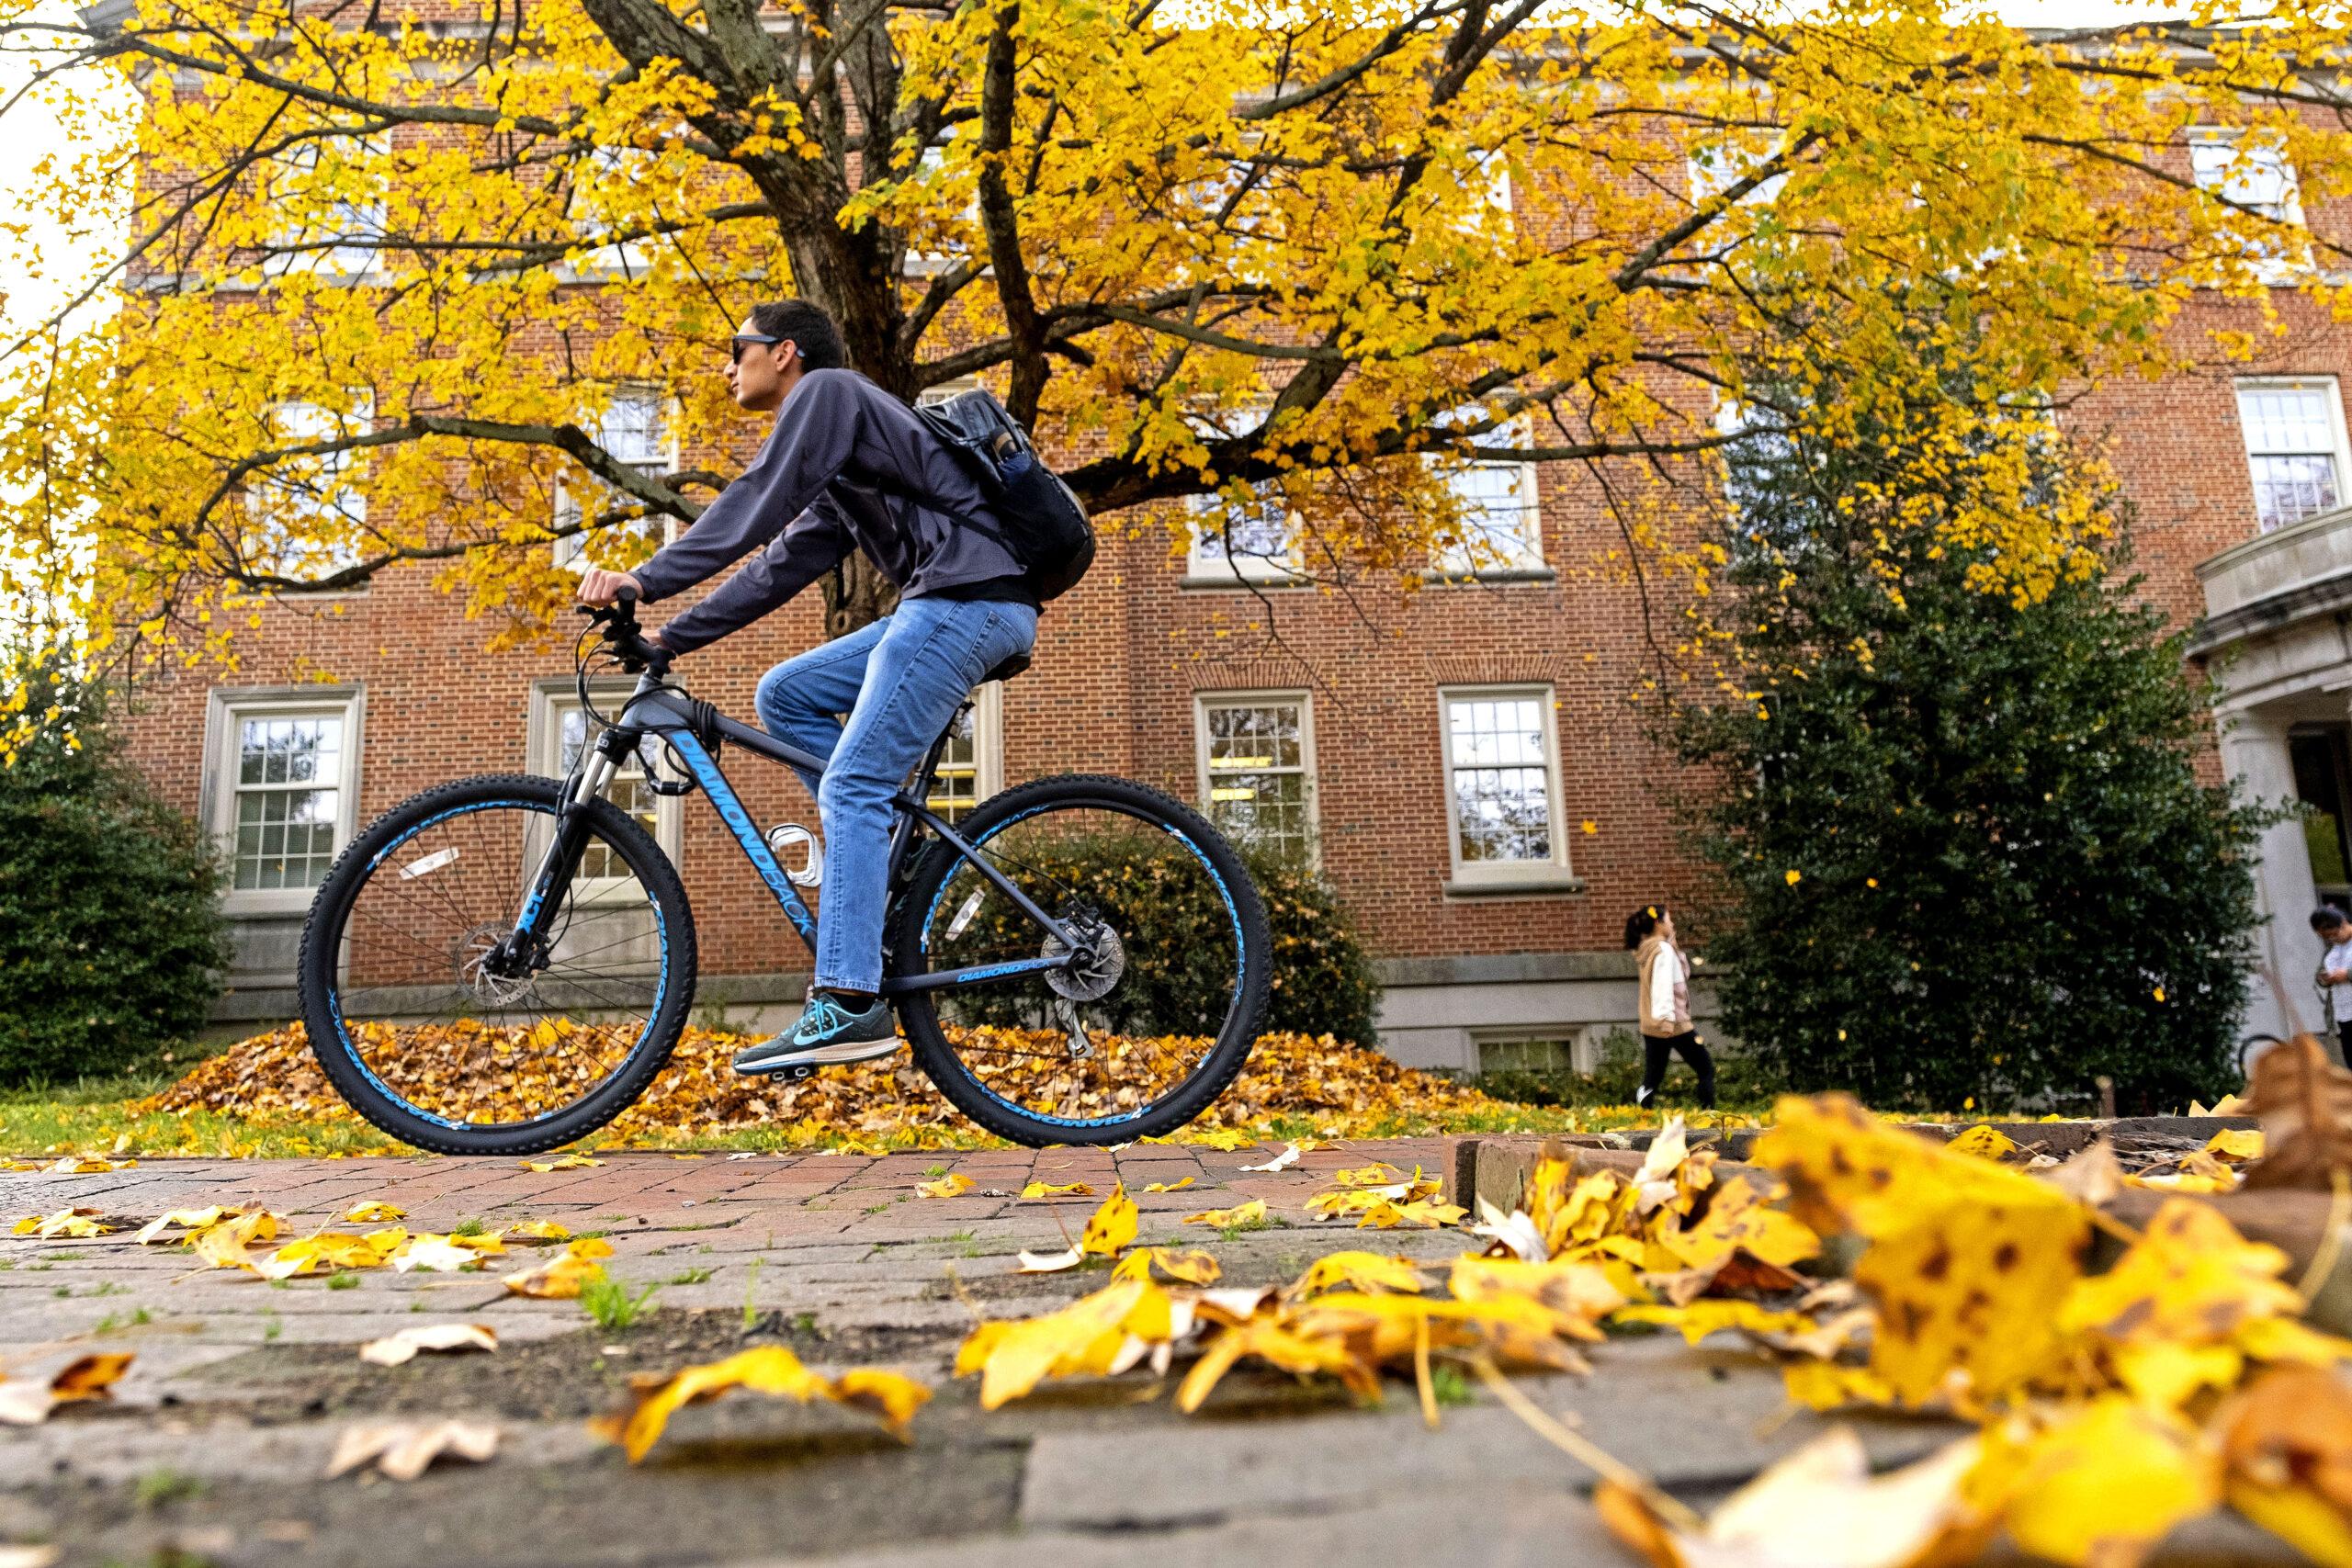 031518_fall_scenes057